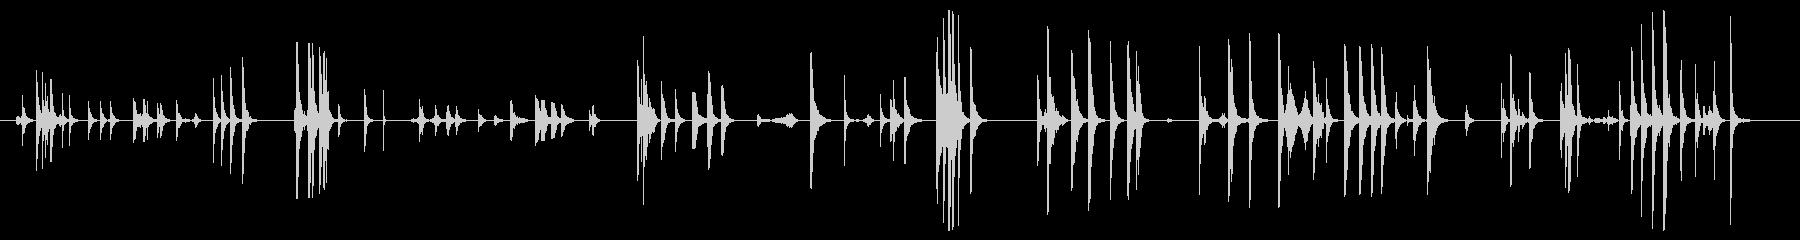 金属の金属パイプのヒットとタップの未再生の波形